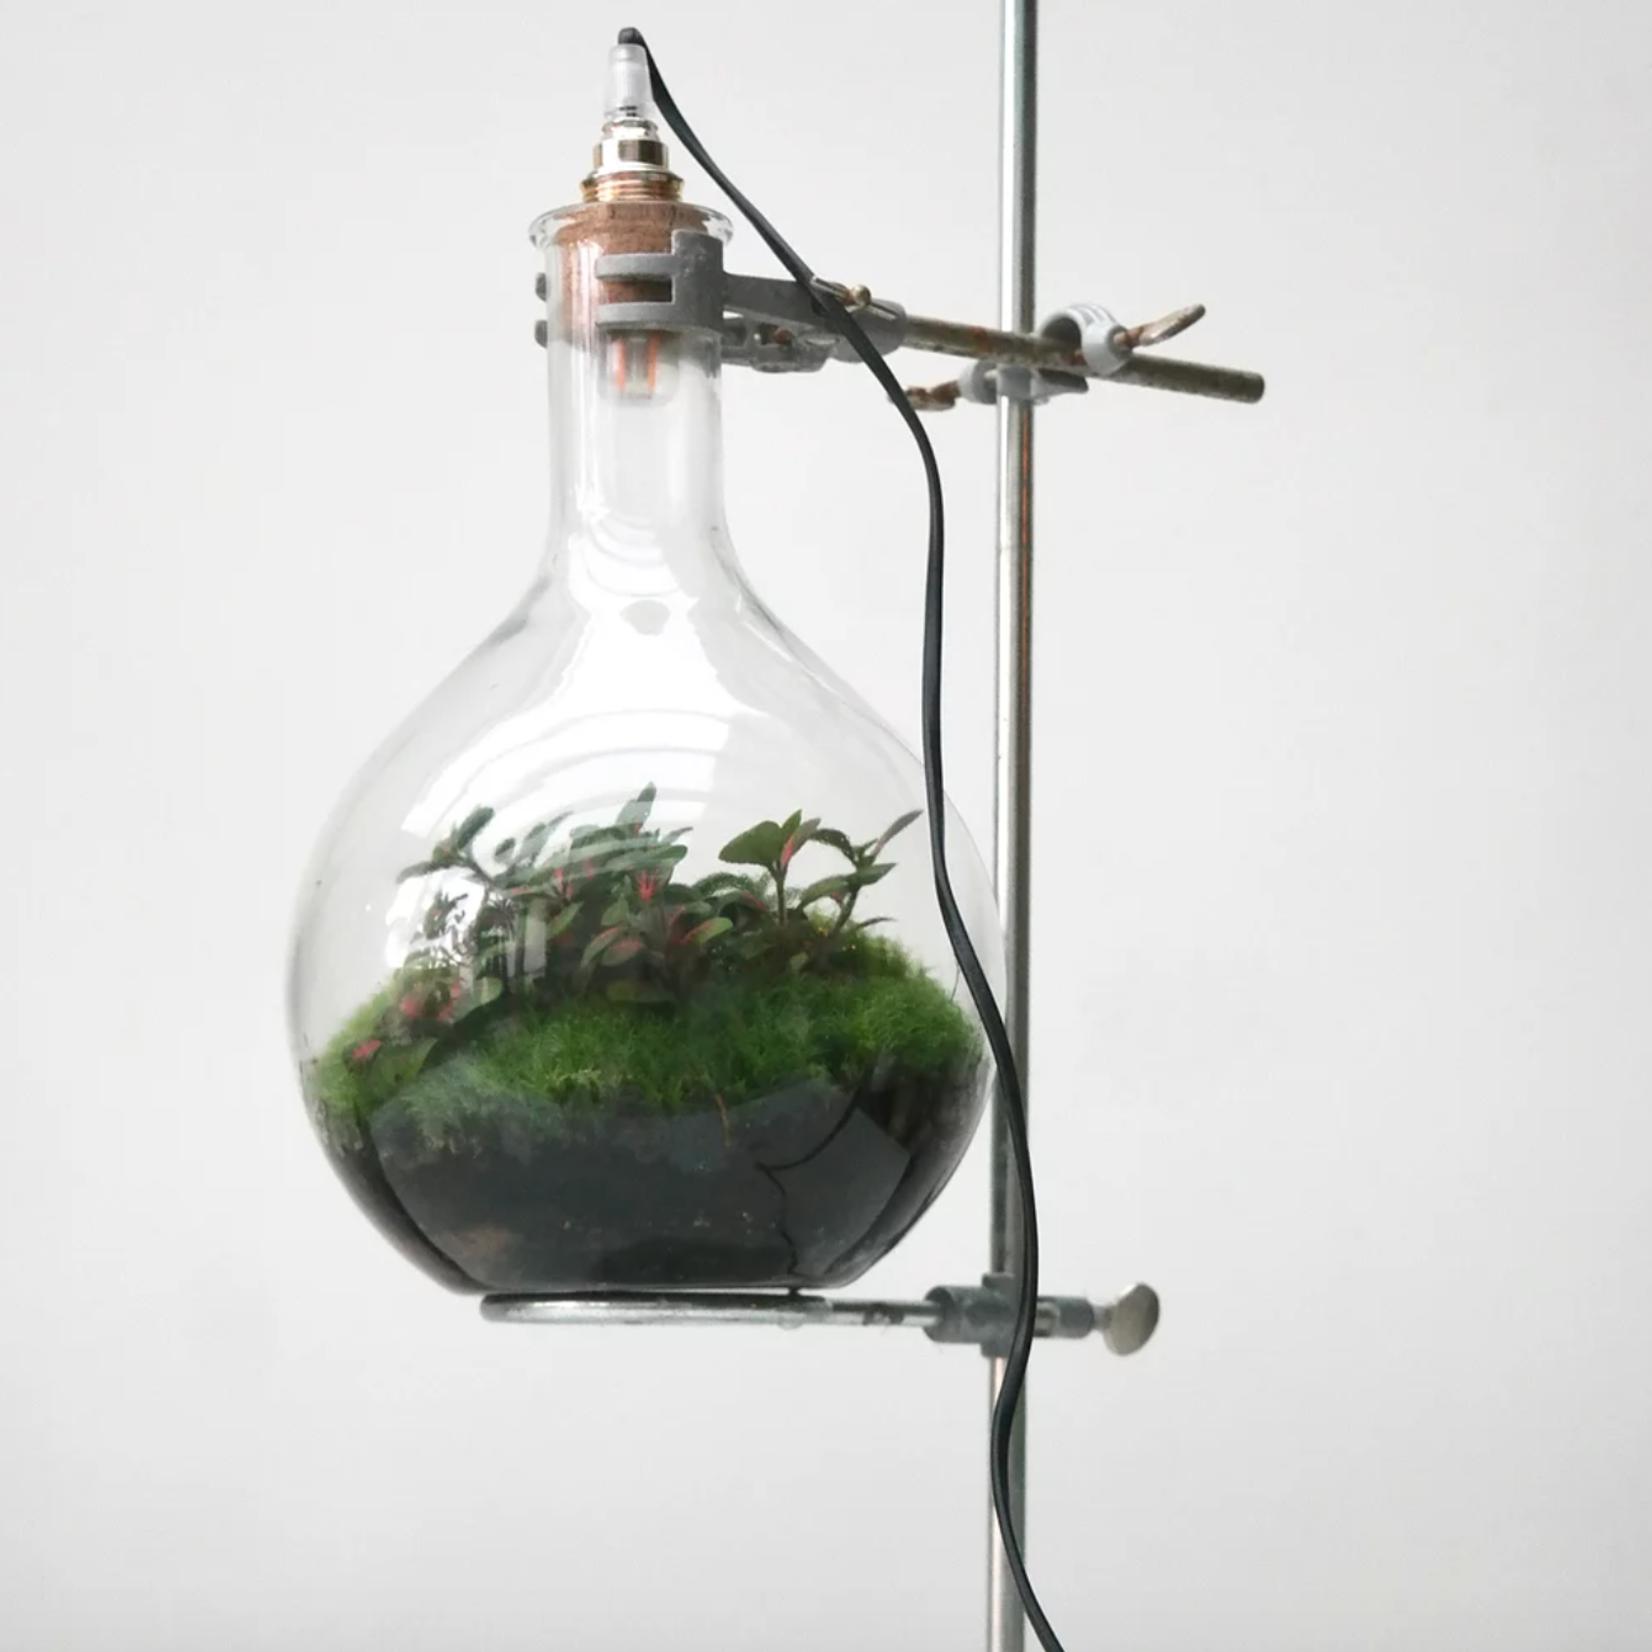 Biosfeer met led-lamp op staander